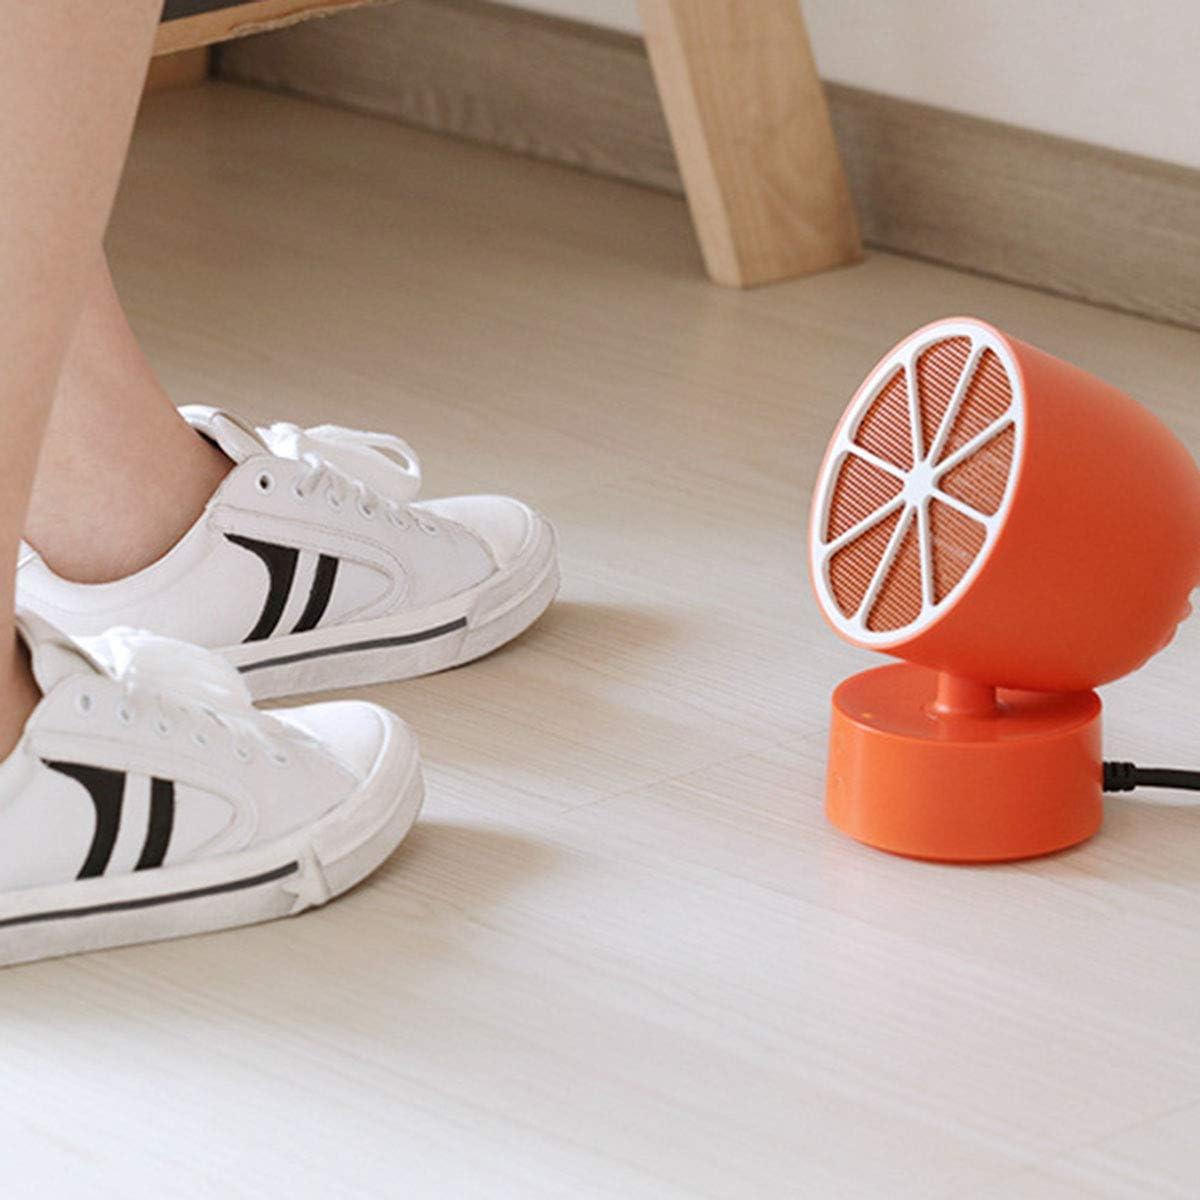 Kwmen Mini Chauffe-Citron Bureau Bureau Portable Bureau PTC Chauffage Chambre Chauffage cr/éatif